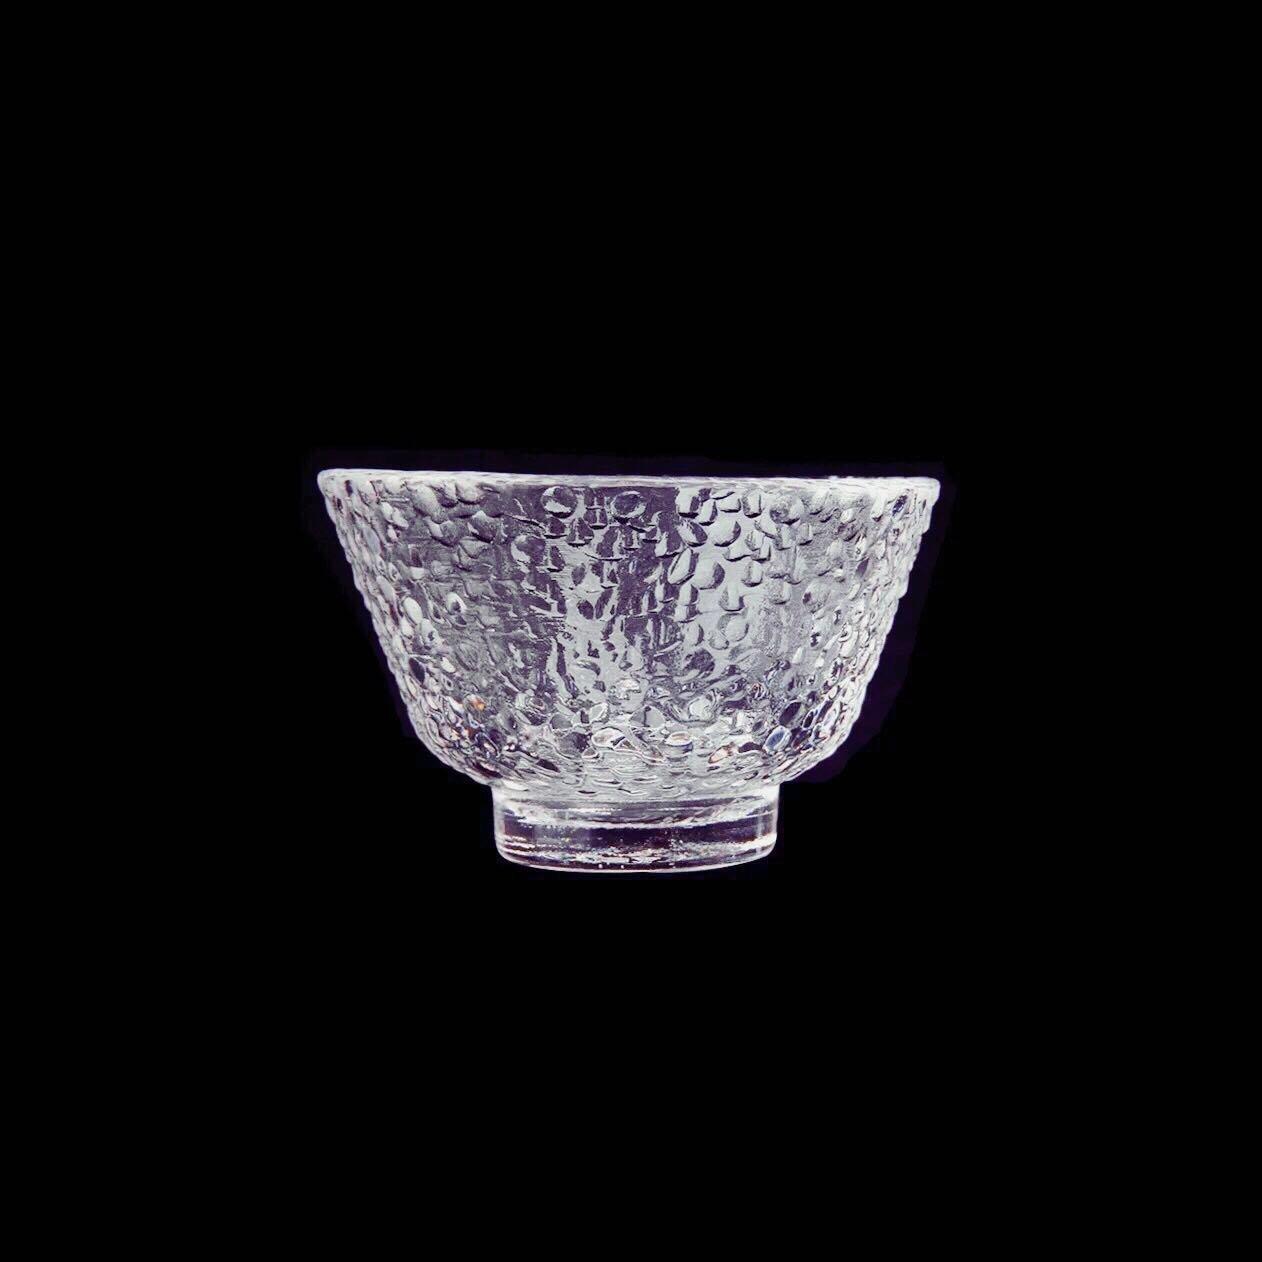 冰酒杯  透明玻璃酒杯